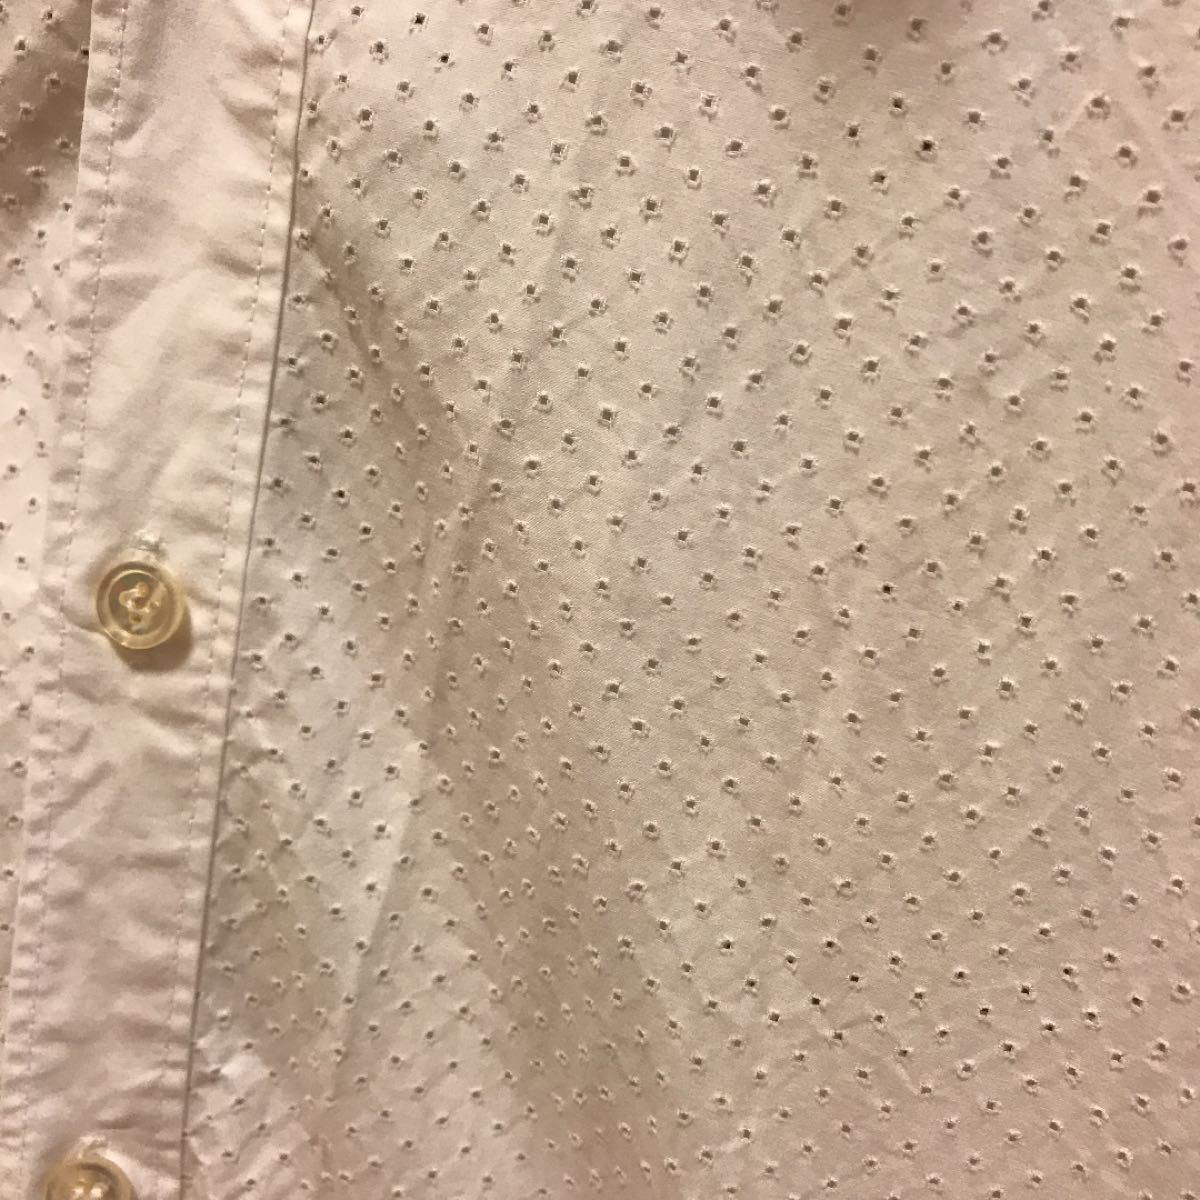 半袖シャツ シャツ 半袖 Tシャツ パンチングシャツ パンチング 白シャツ